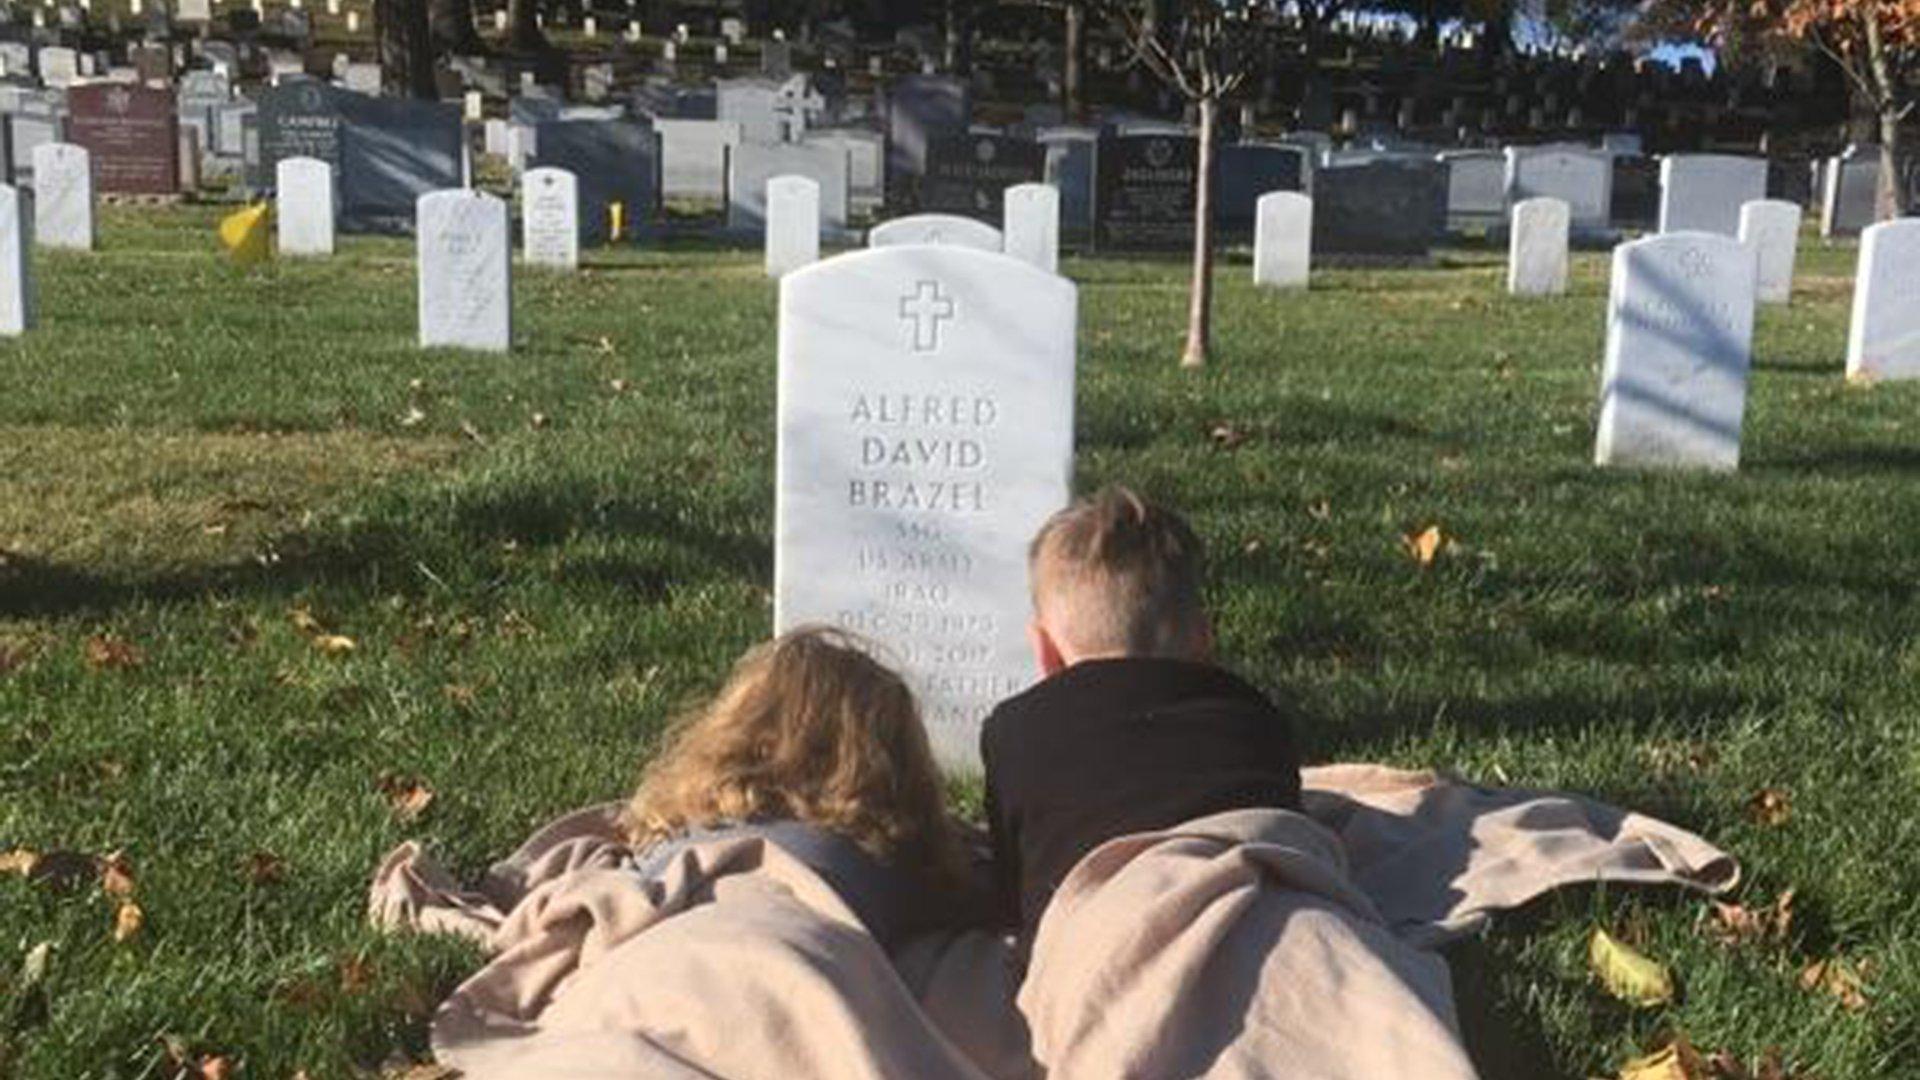 """brothers visit fahers grave today 171208 tease f3c1a490b447d7828a1f11976338bafc - Un pequeño niño de 5 años dice que puede """"sentir a papá"""" en el cementerio y abraza la lápida de su padre"""